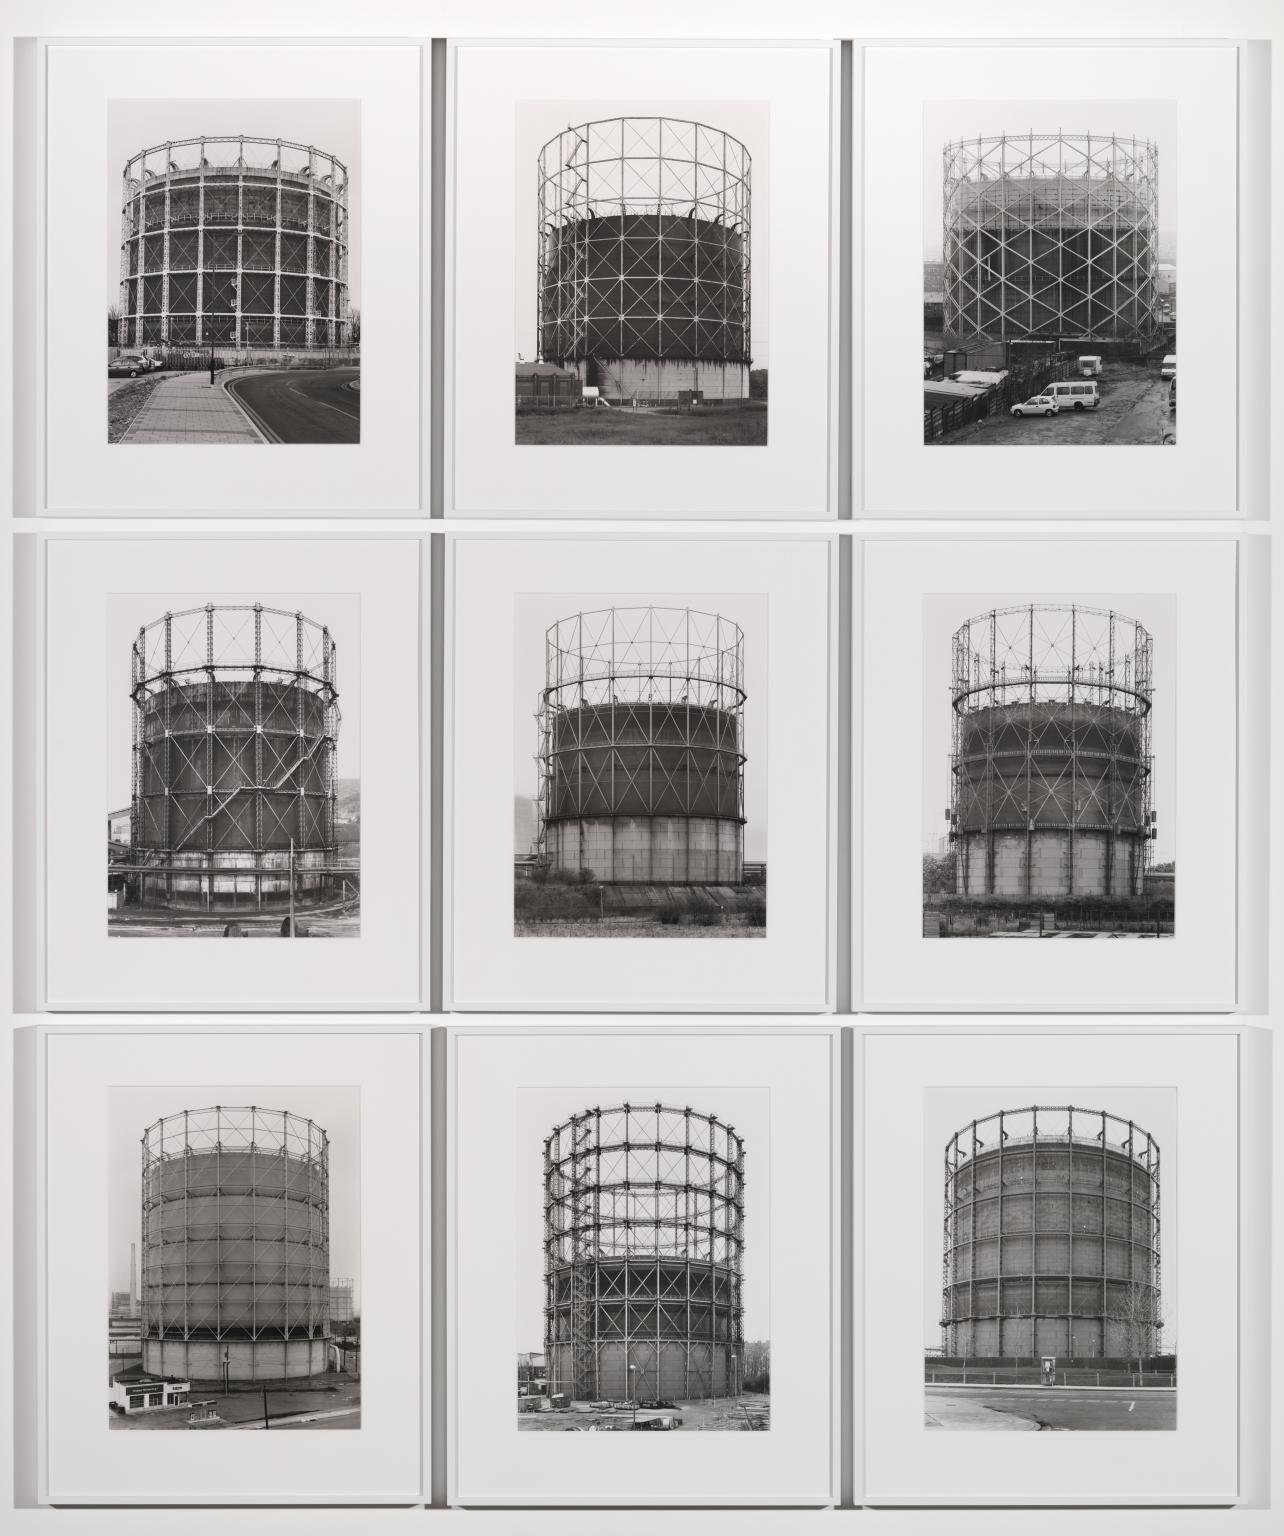 Gas Tanks 1965?2009 by Bernd Becher and Hilla Becher 1931-2007, 1934-2015